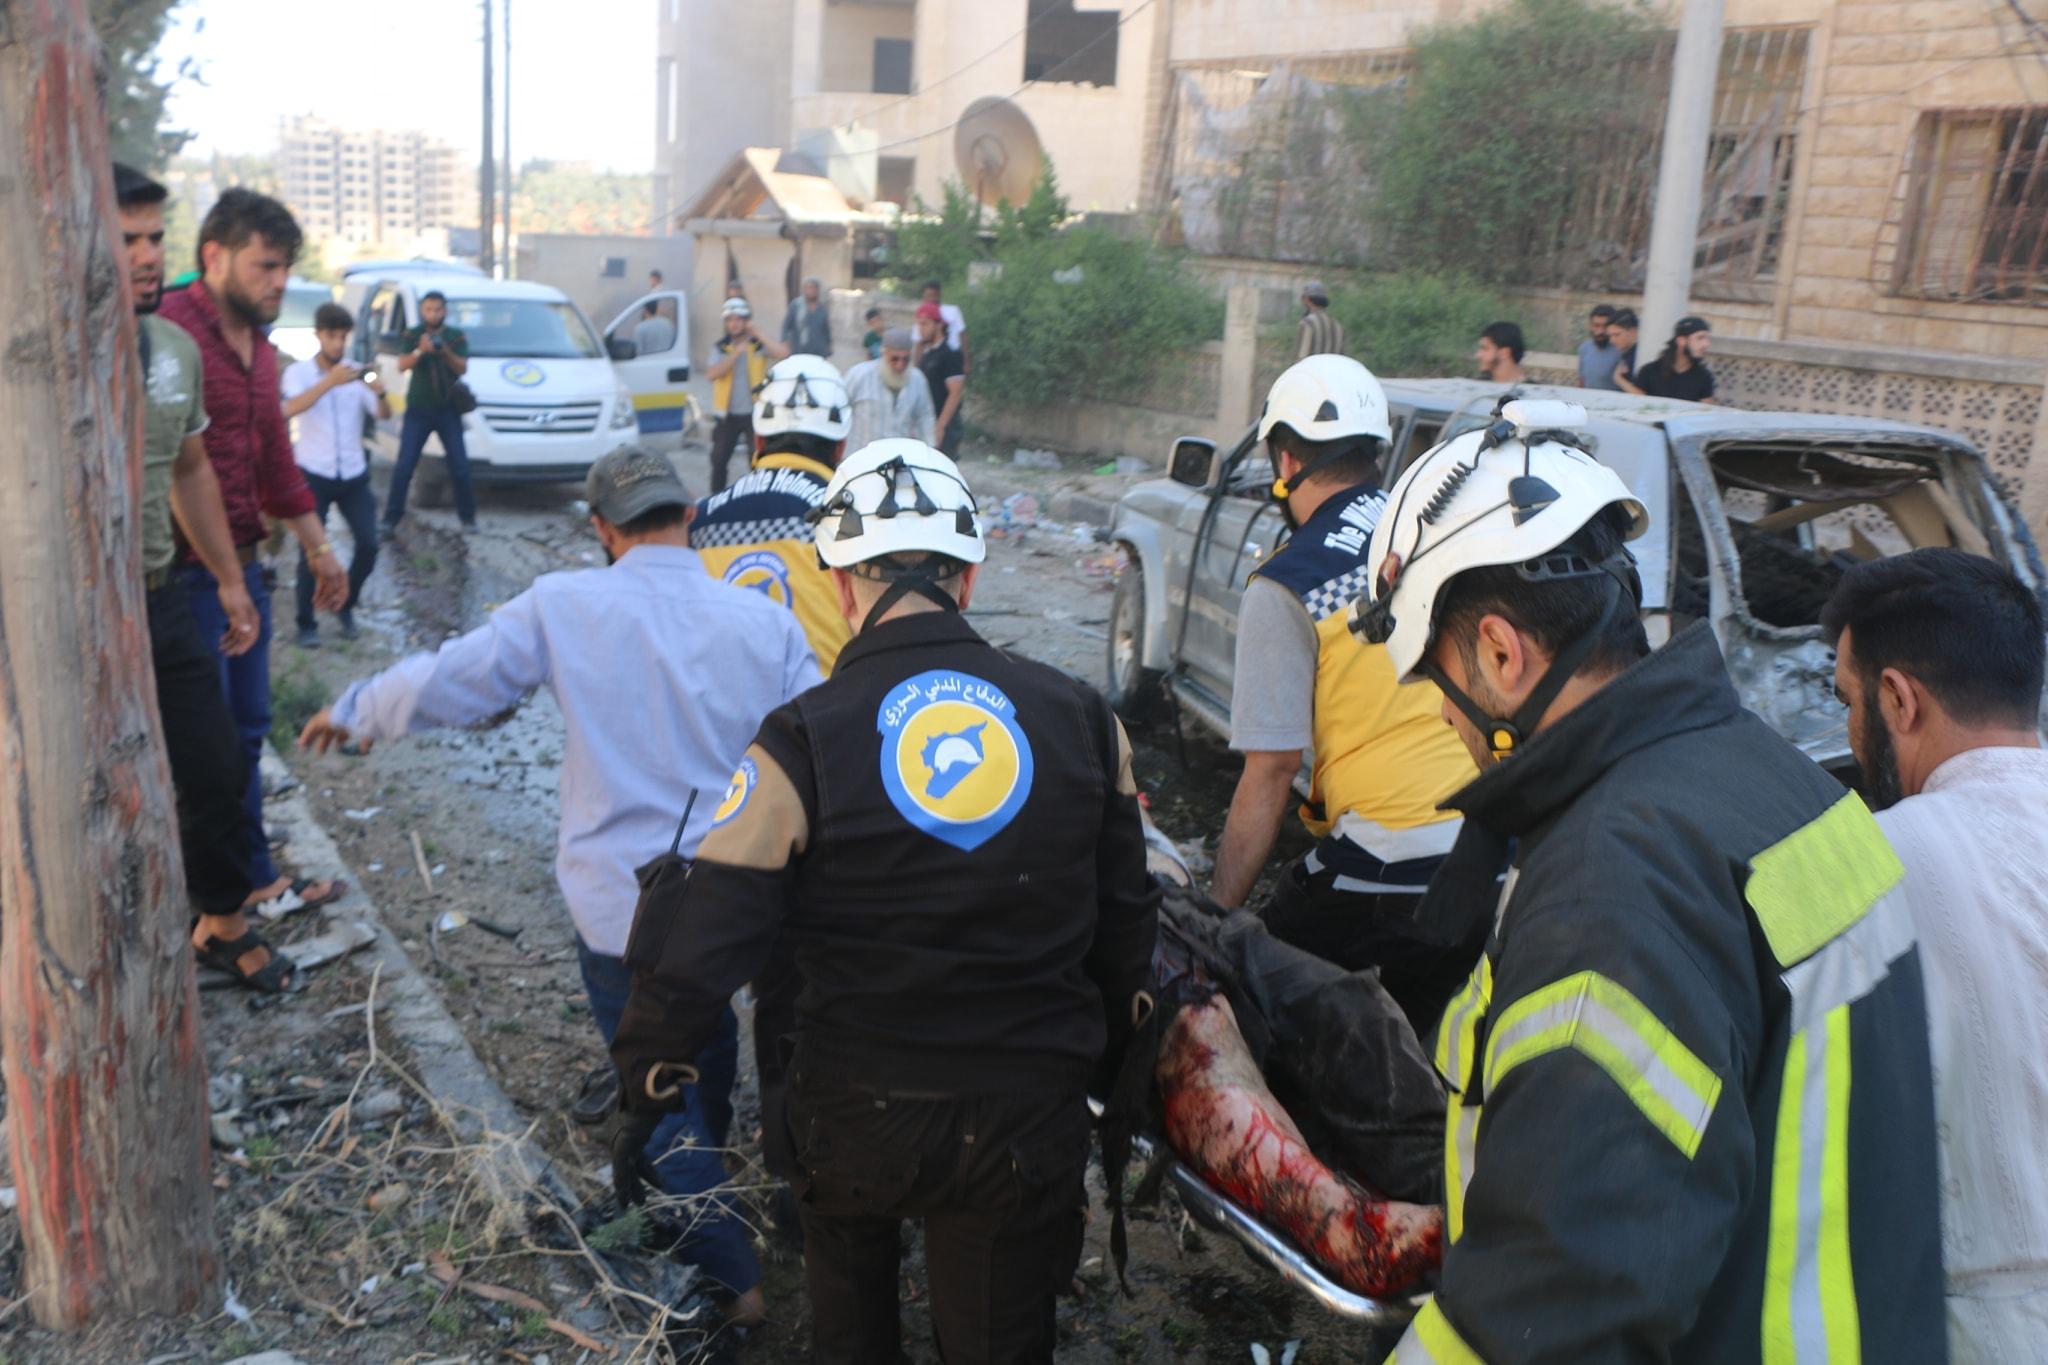 عناصر الدفاع المدني يحملون أحد المصابين نتيجة للانفجارات